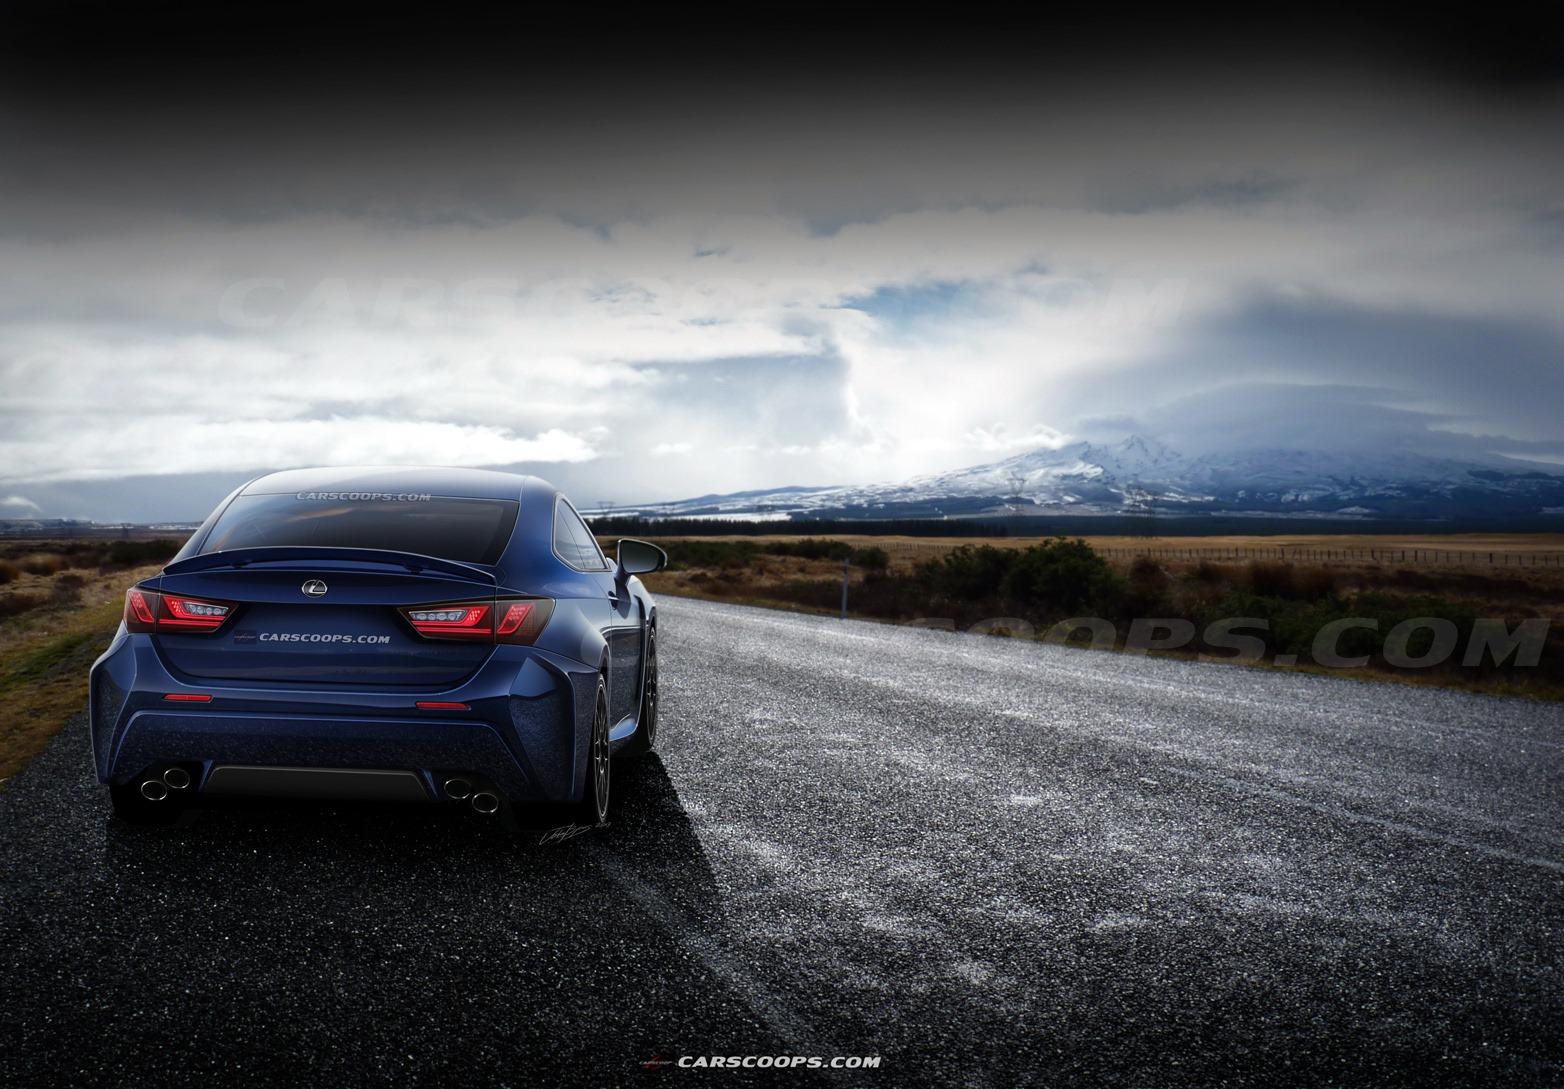 2014 - [Lexus] RC Coupé / RC-F - Page 2 2015-Lexus-RC-F-Carscoops-Copyright-2%25255B4%25255D